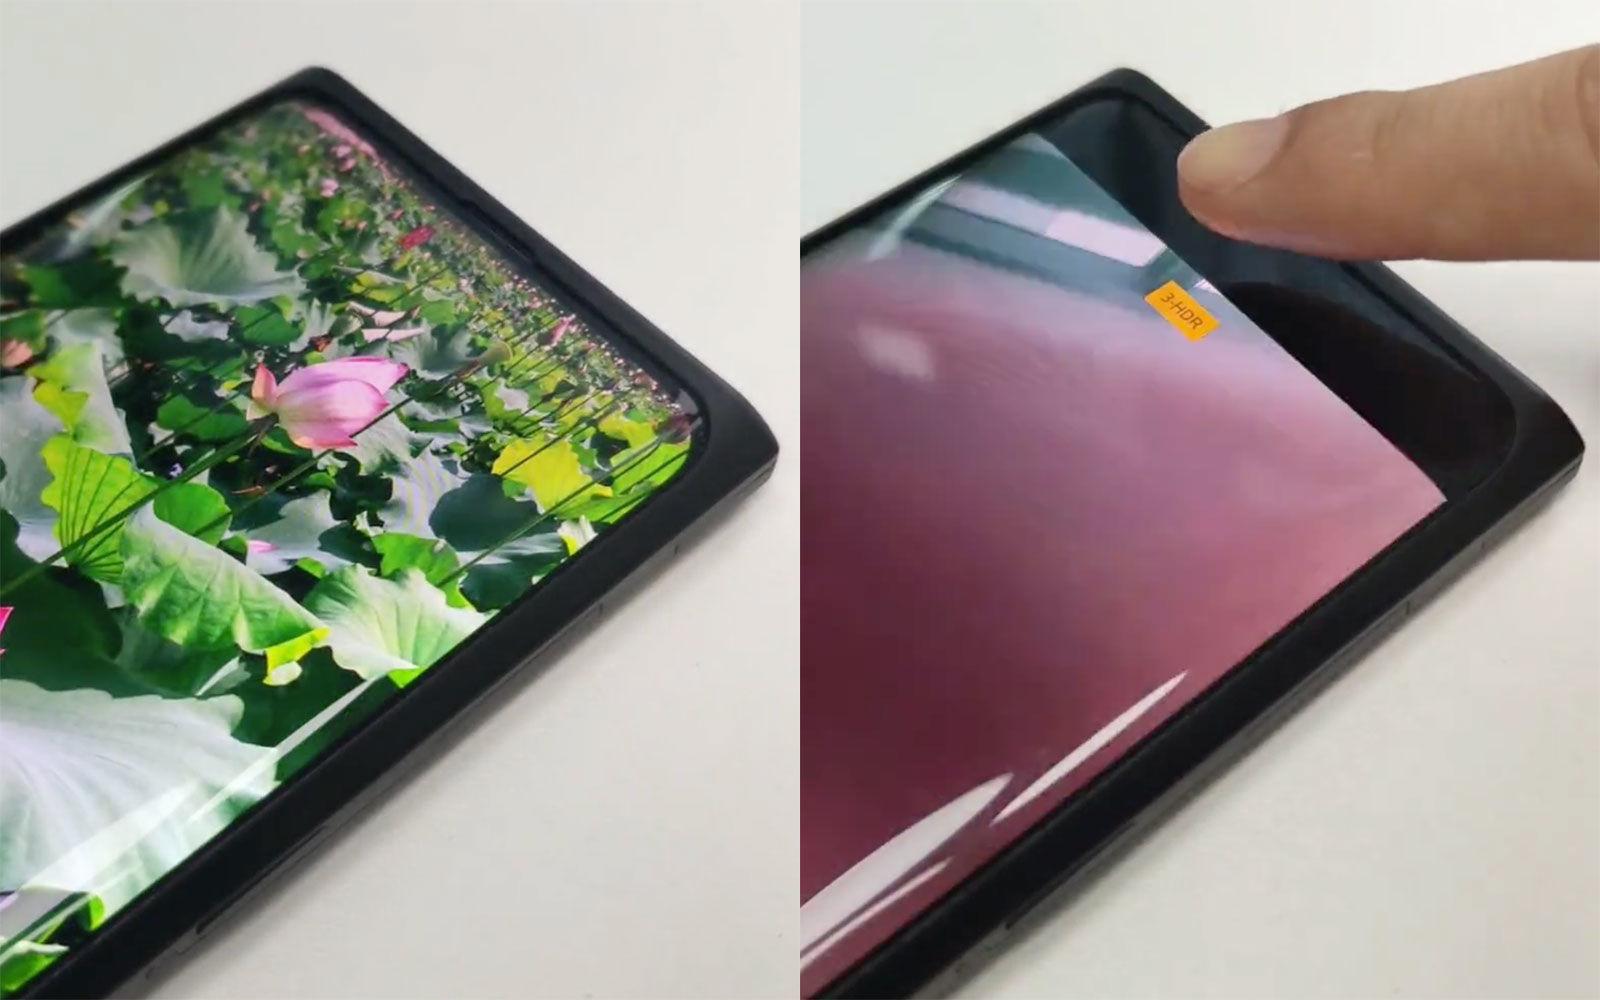 Smartphone sans aucune découpe : démonstration d'une caméra sous l'écran chez Oppo (vidéo) 1